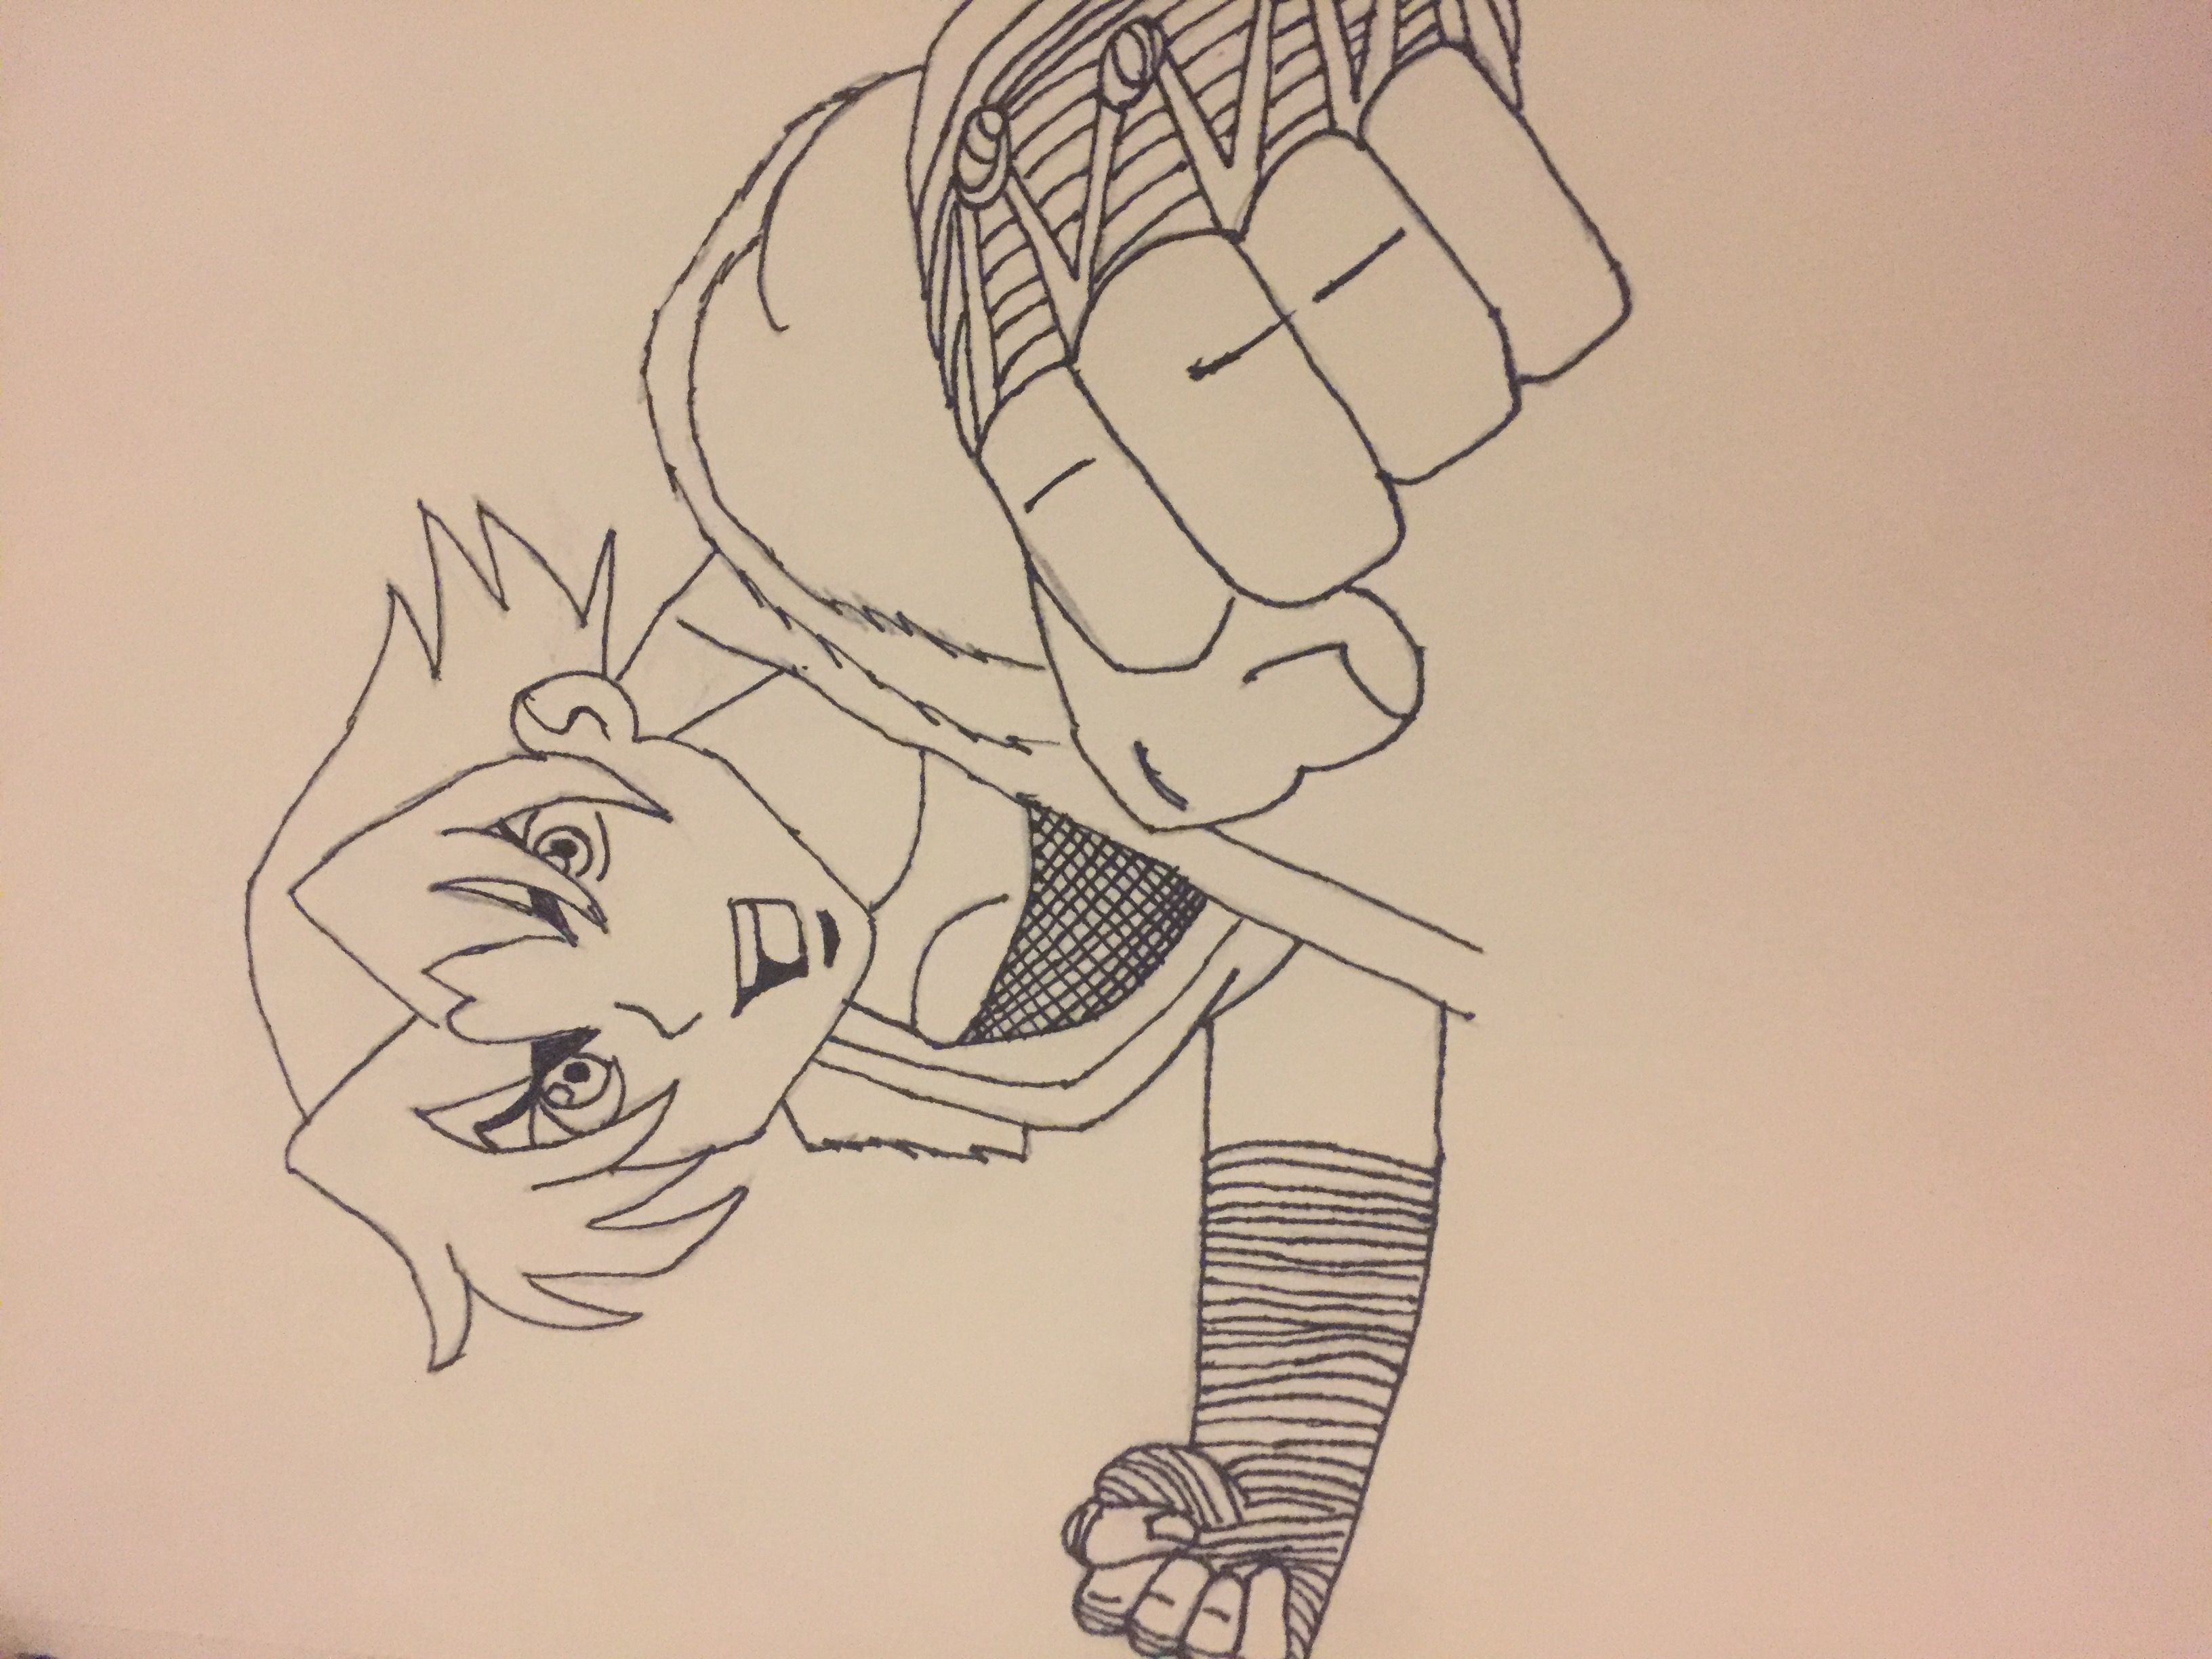 Art I drew